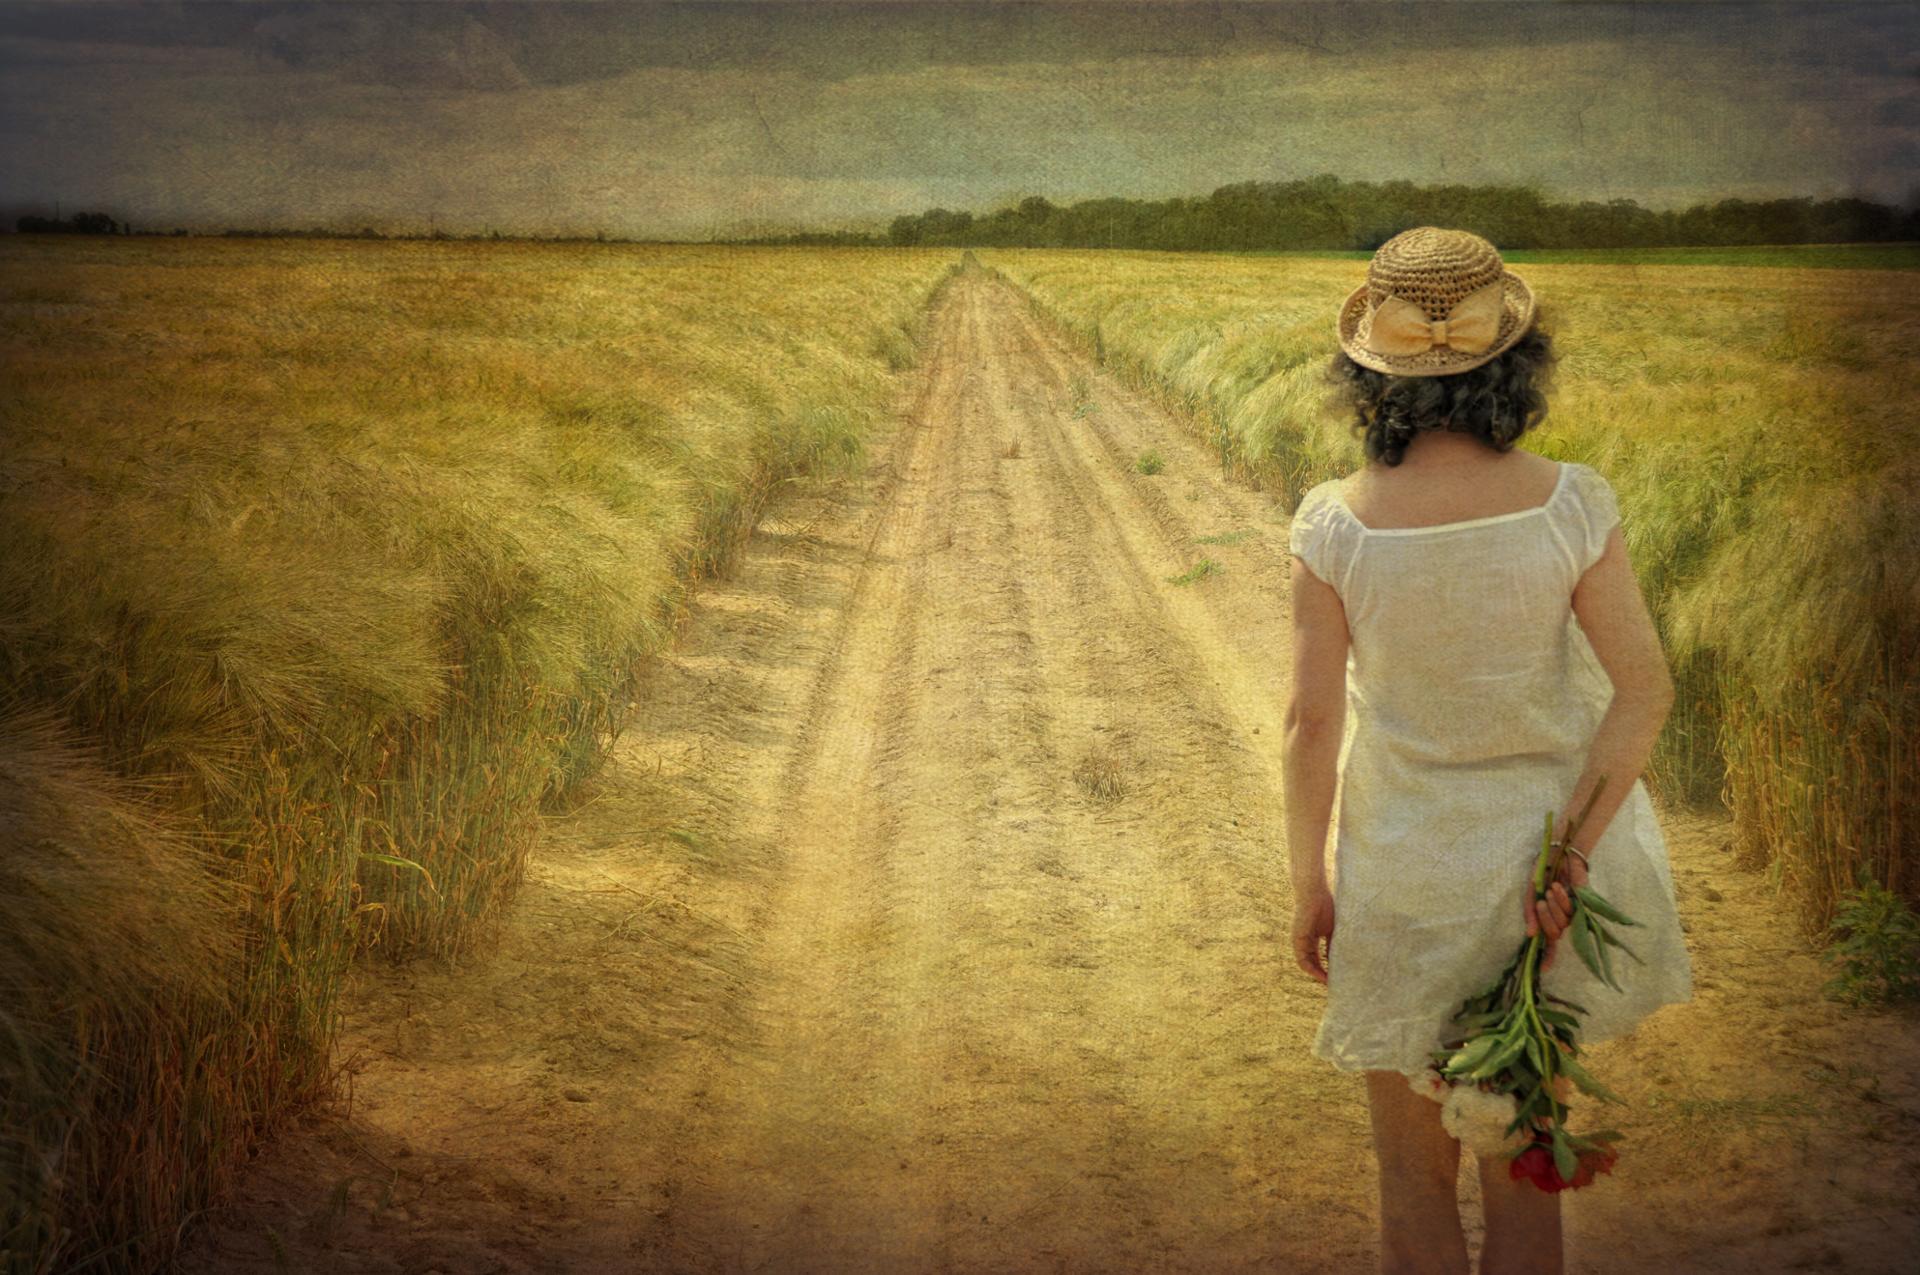 Le chemin...(autoportrait)